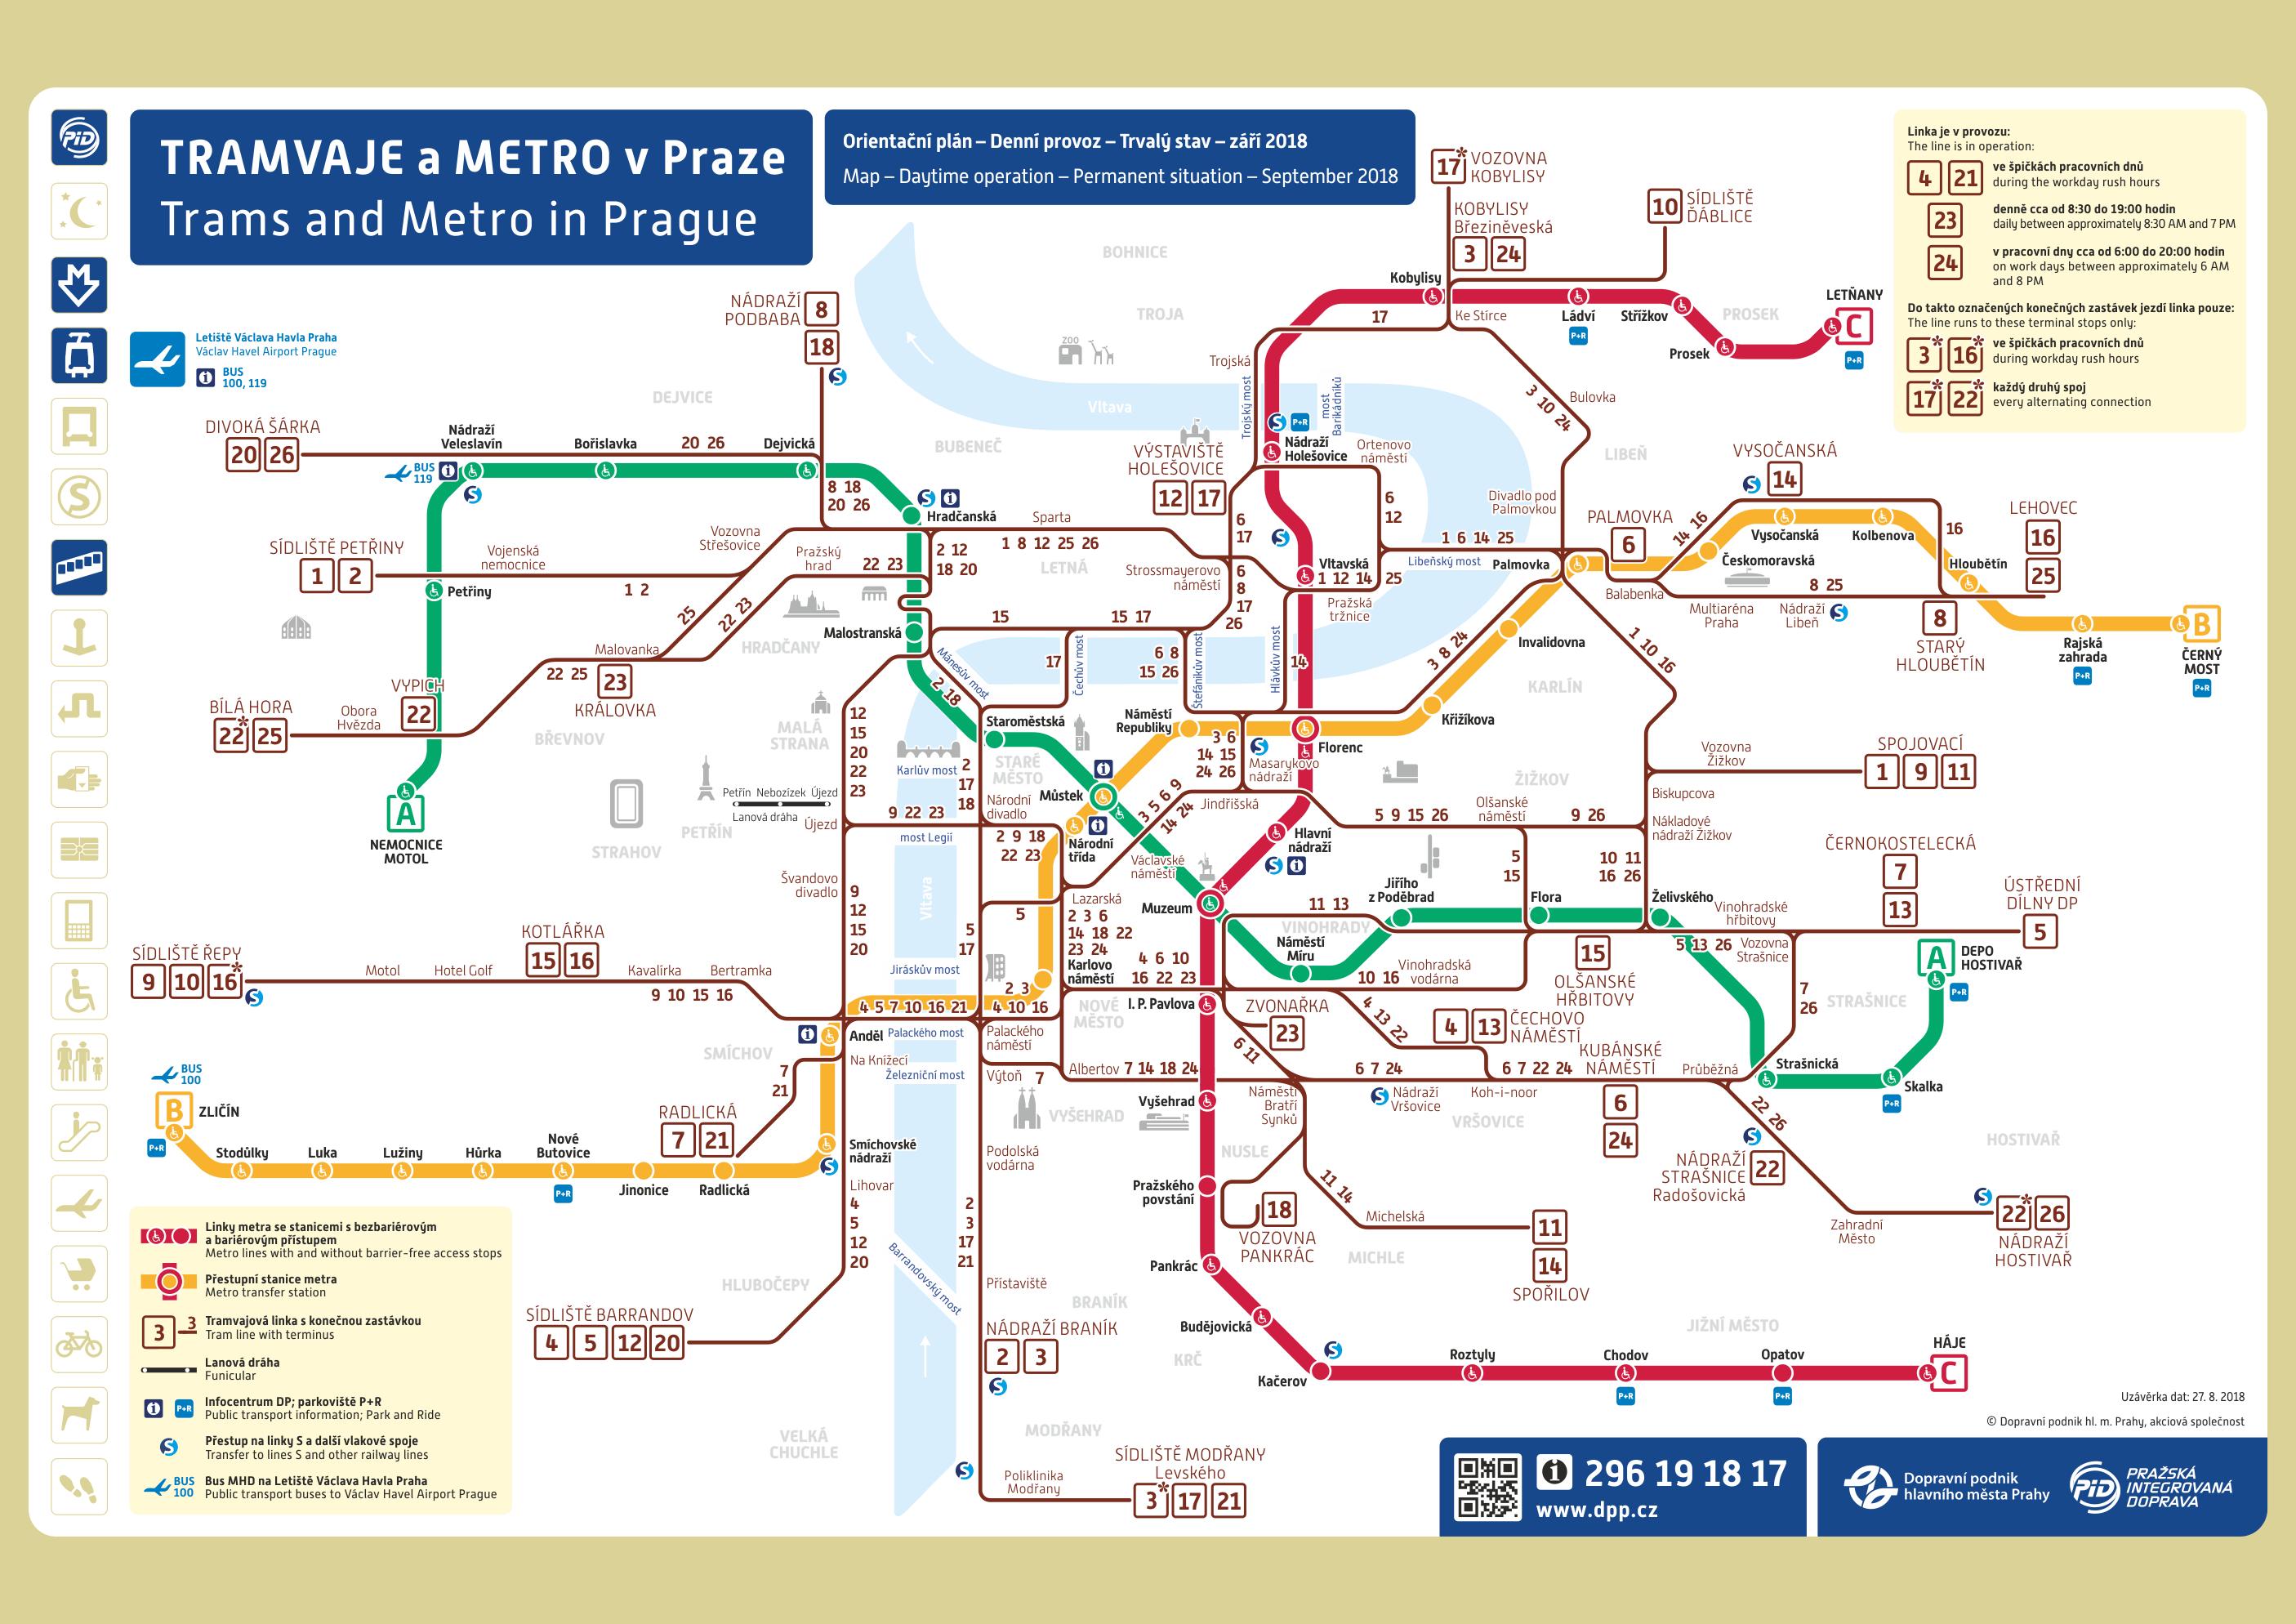 Схема трамваев и метро в Праге